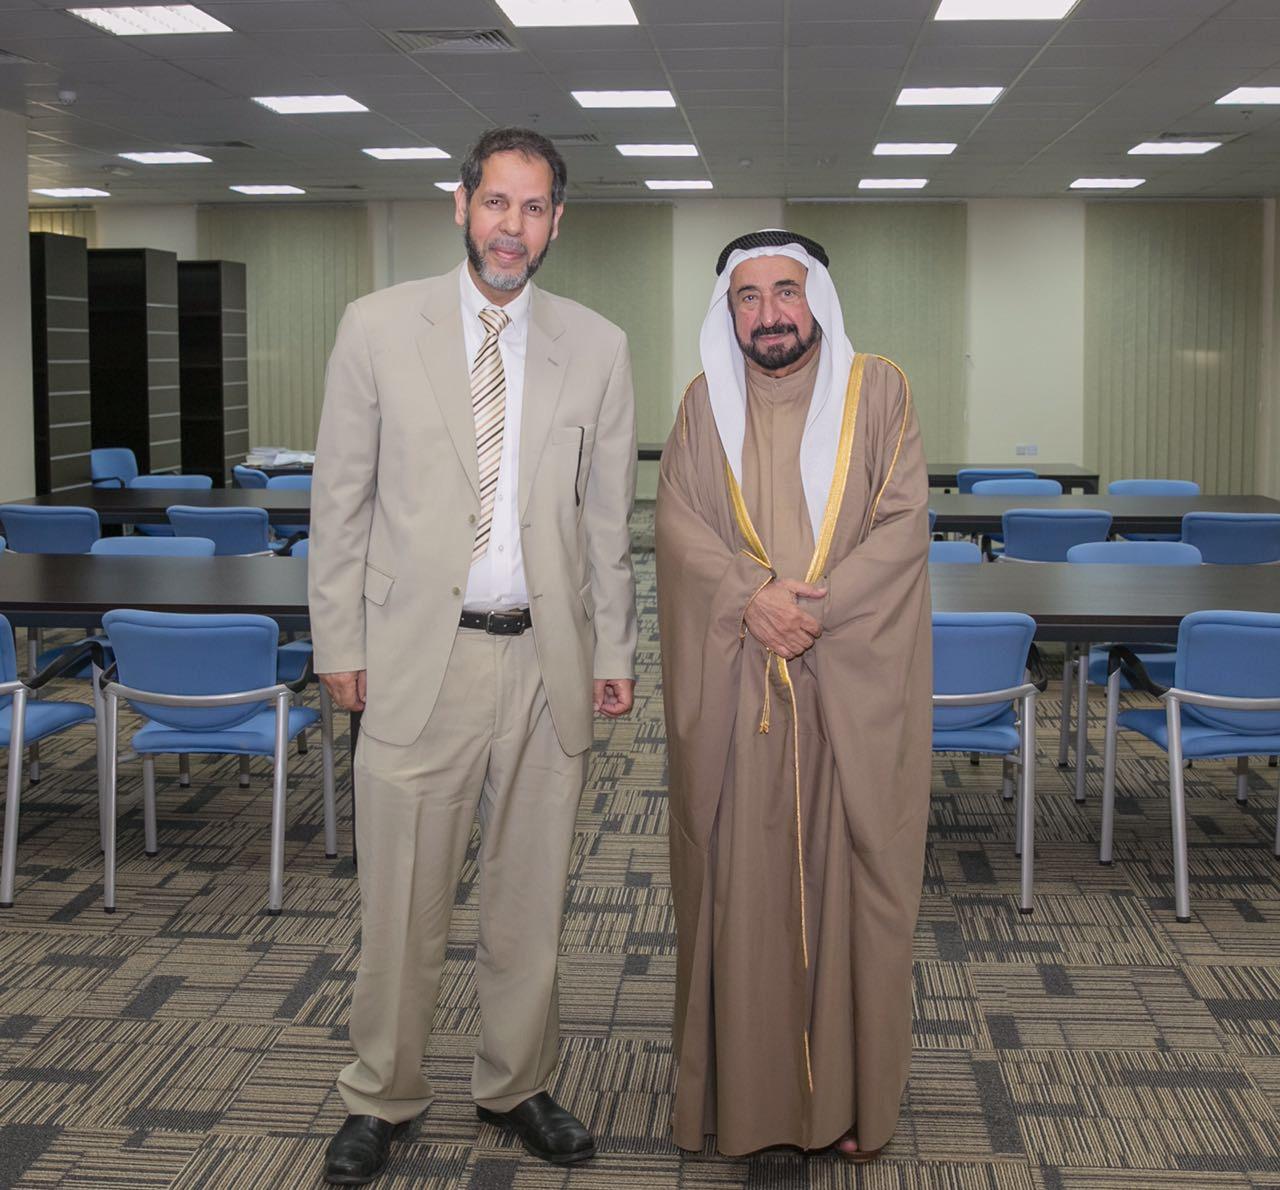 زيارات صاحب السمو سلطان القاسمي وتوجيهاته للمجمع